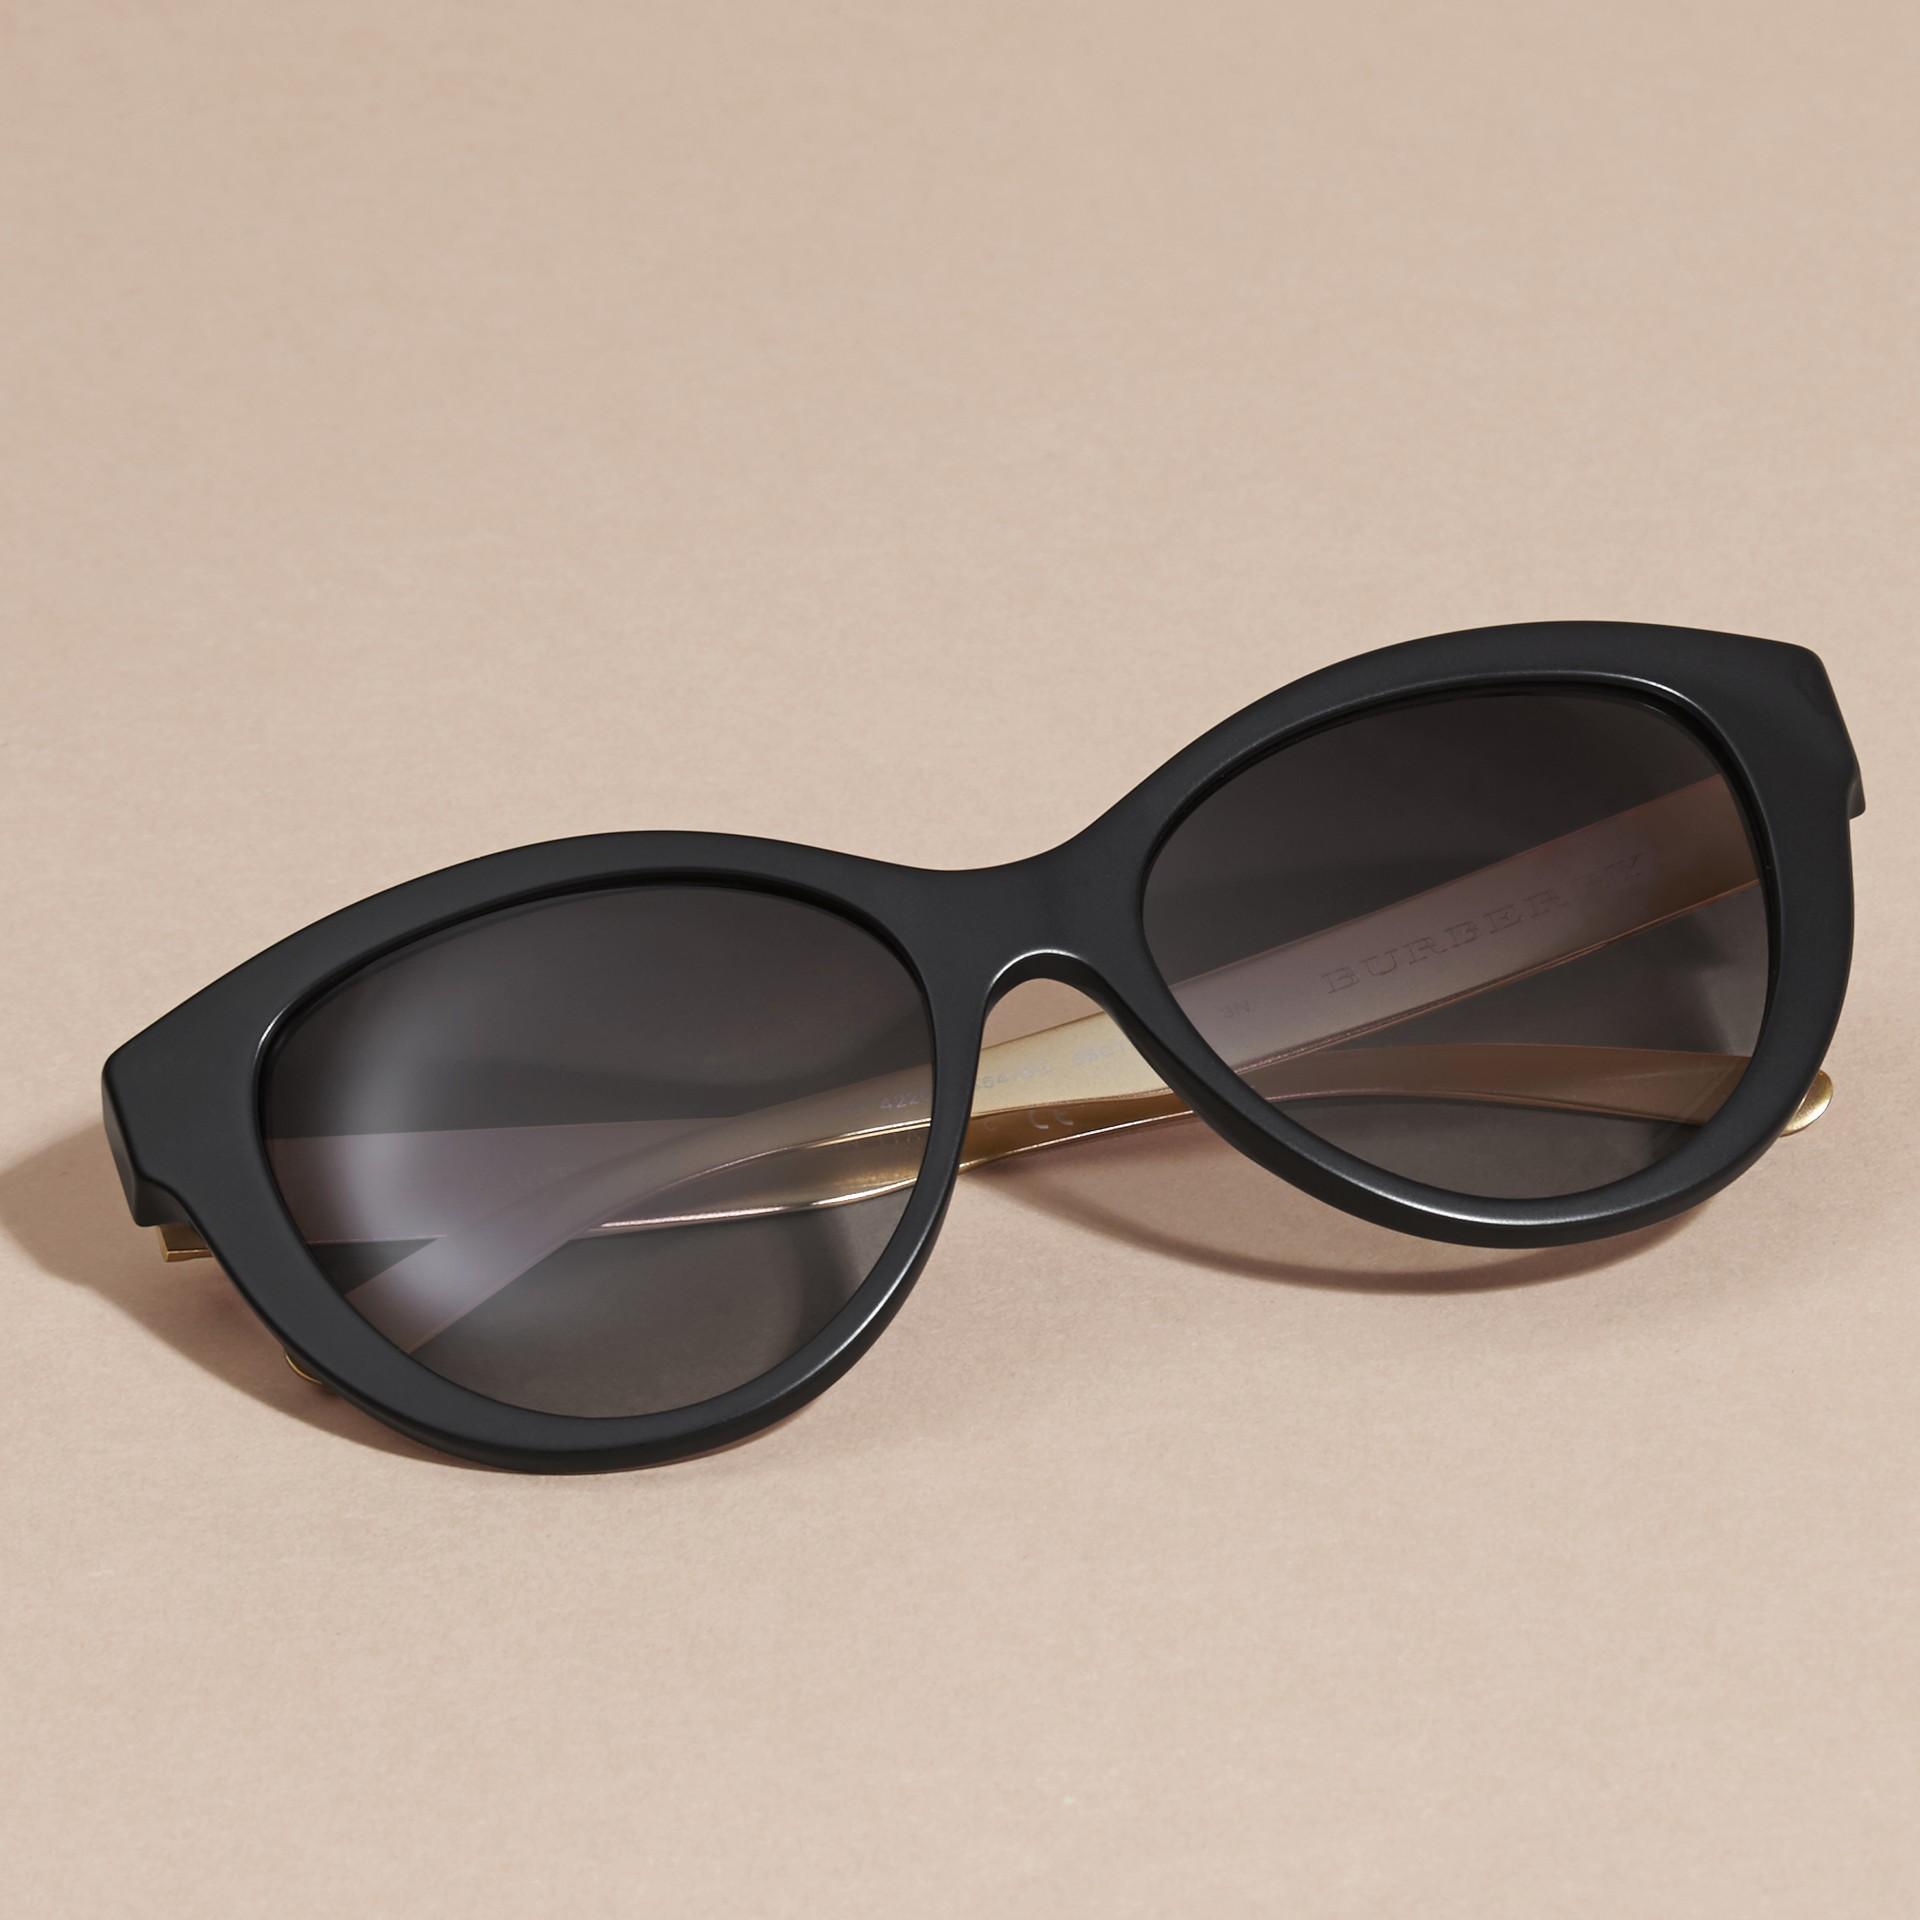 Nero Occhiali da sole con montatura cat-eye e motivo check tridimensionale Nero - immagine della galleria 3